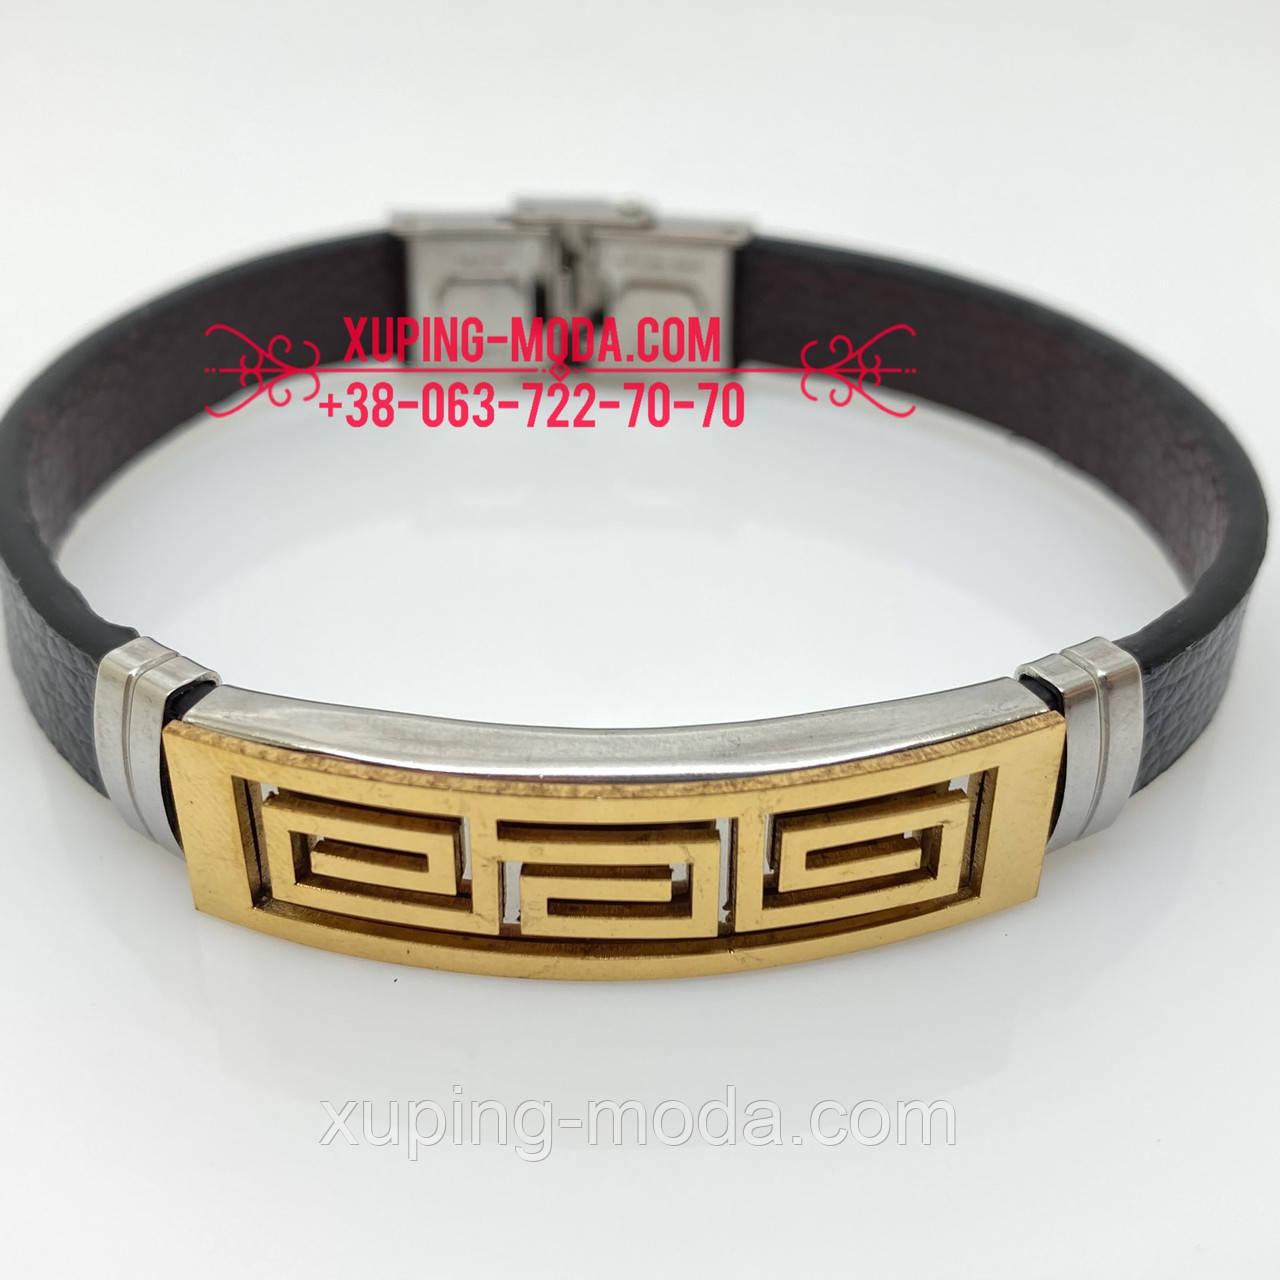 Недорогие мужские кожаные браслеты